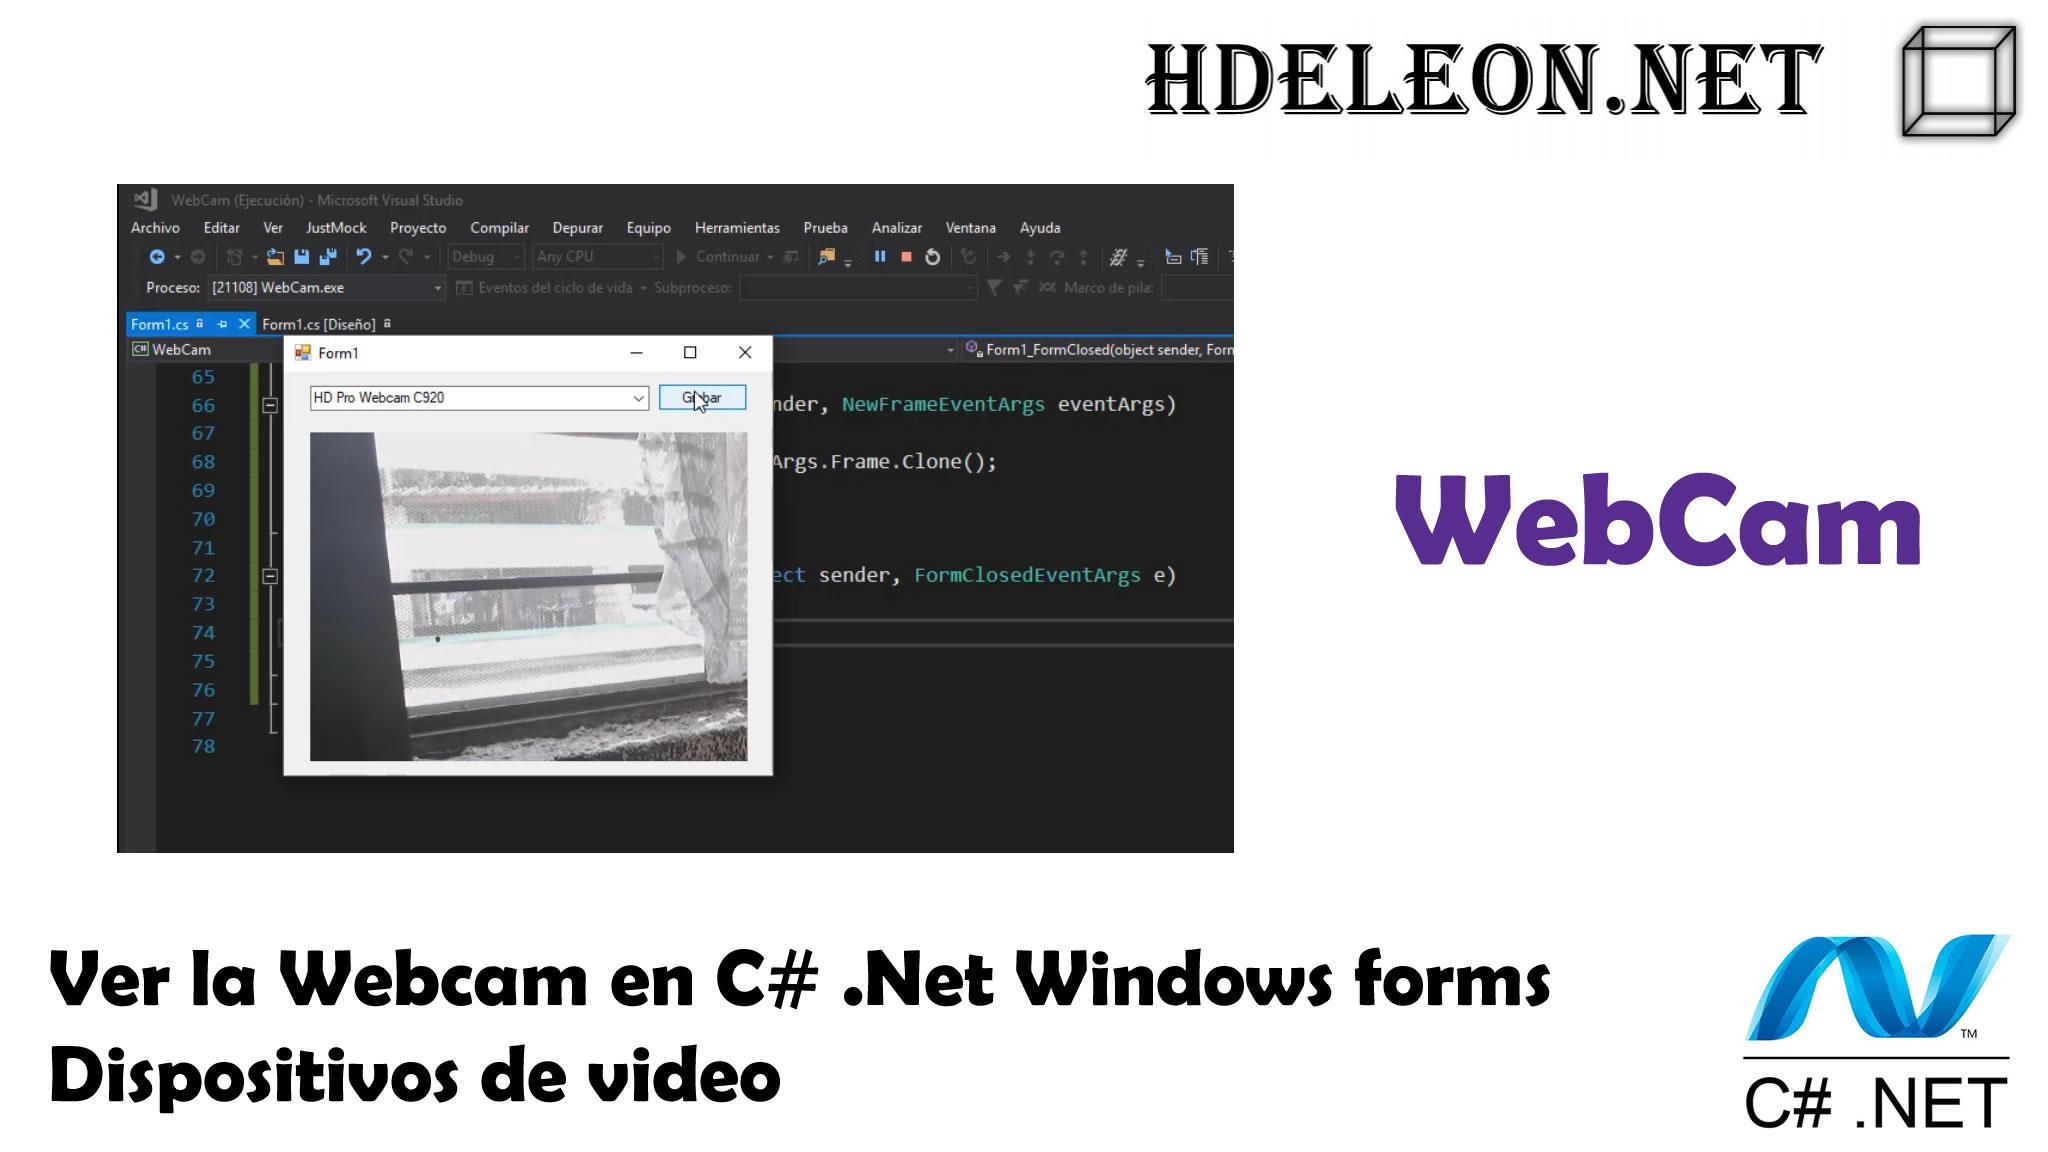 Ver la Webcam en C# .Net Windows forms, dispositivos de video